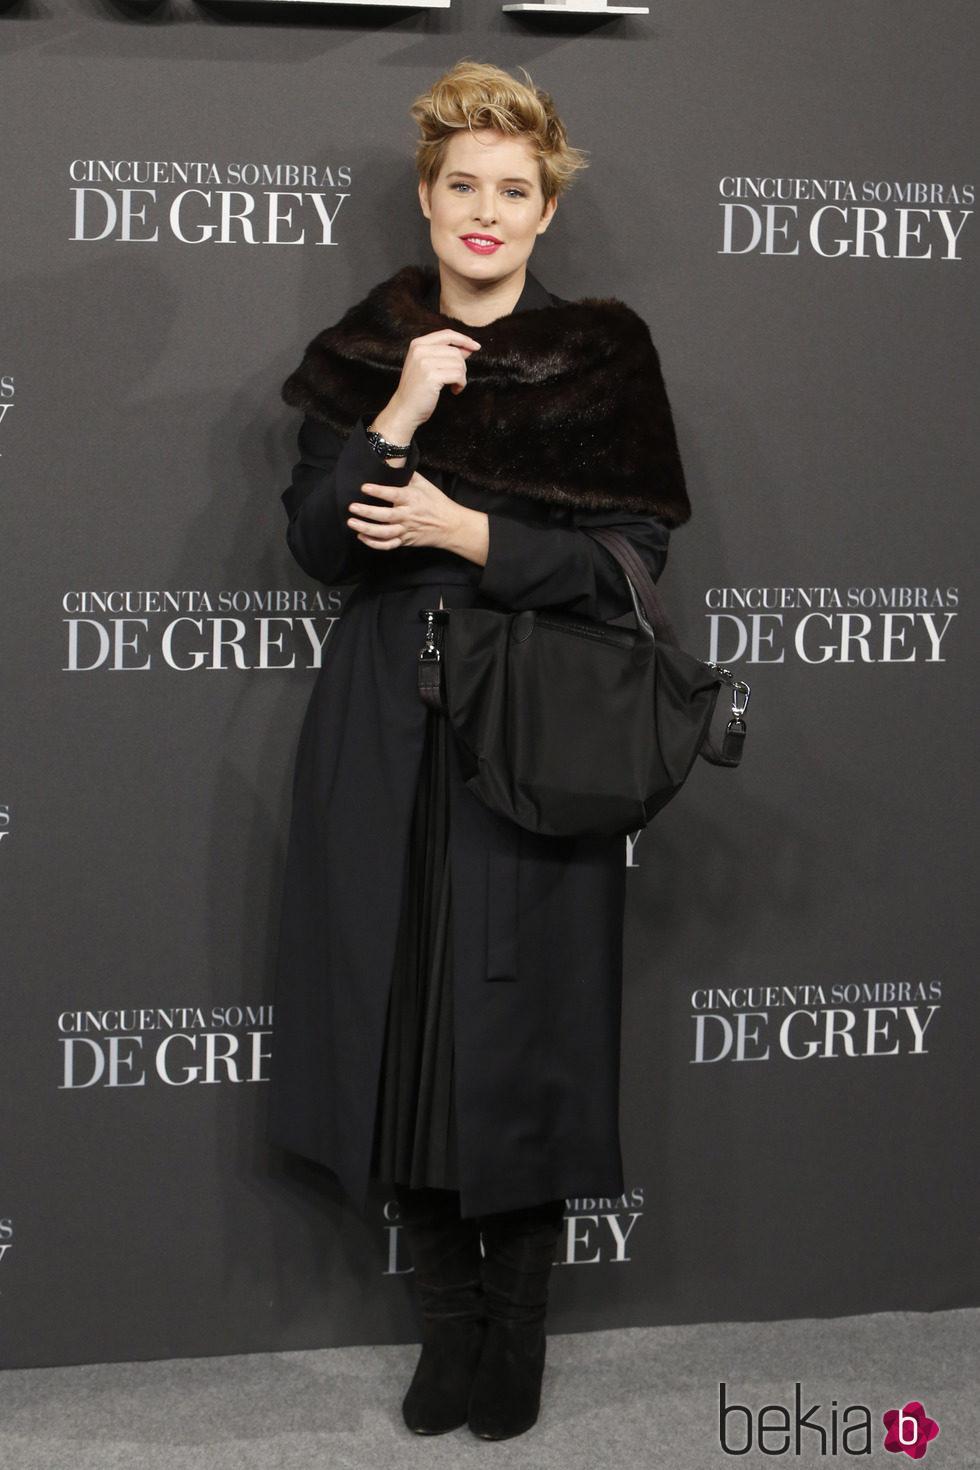 Tania llasera en el estreno de 39 cincuenta sombras de grey - 50 sombras de grey en espana ...